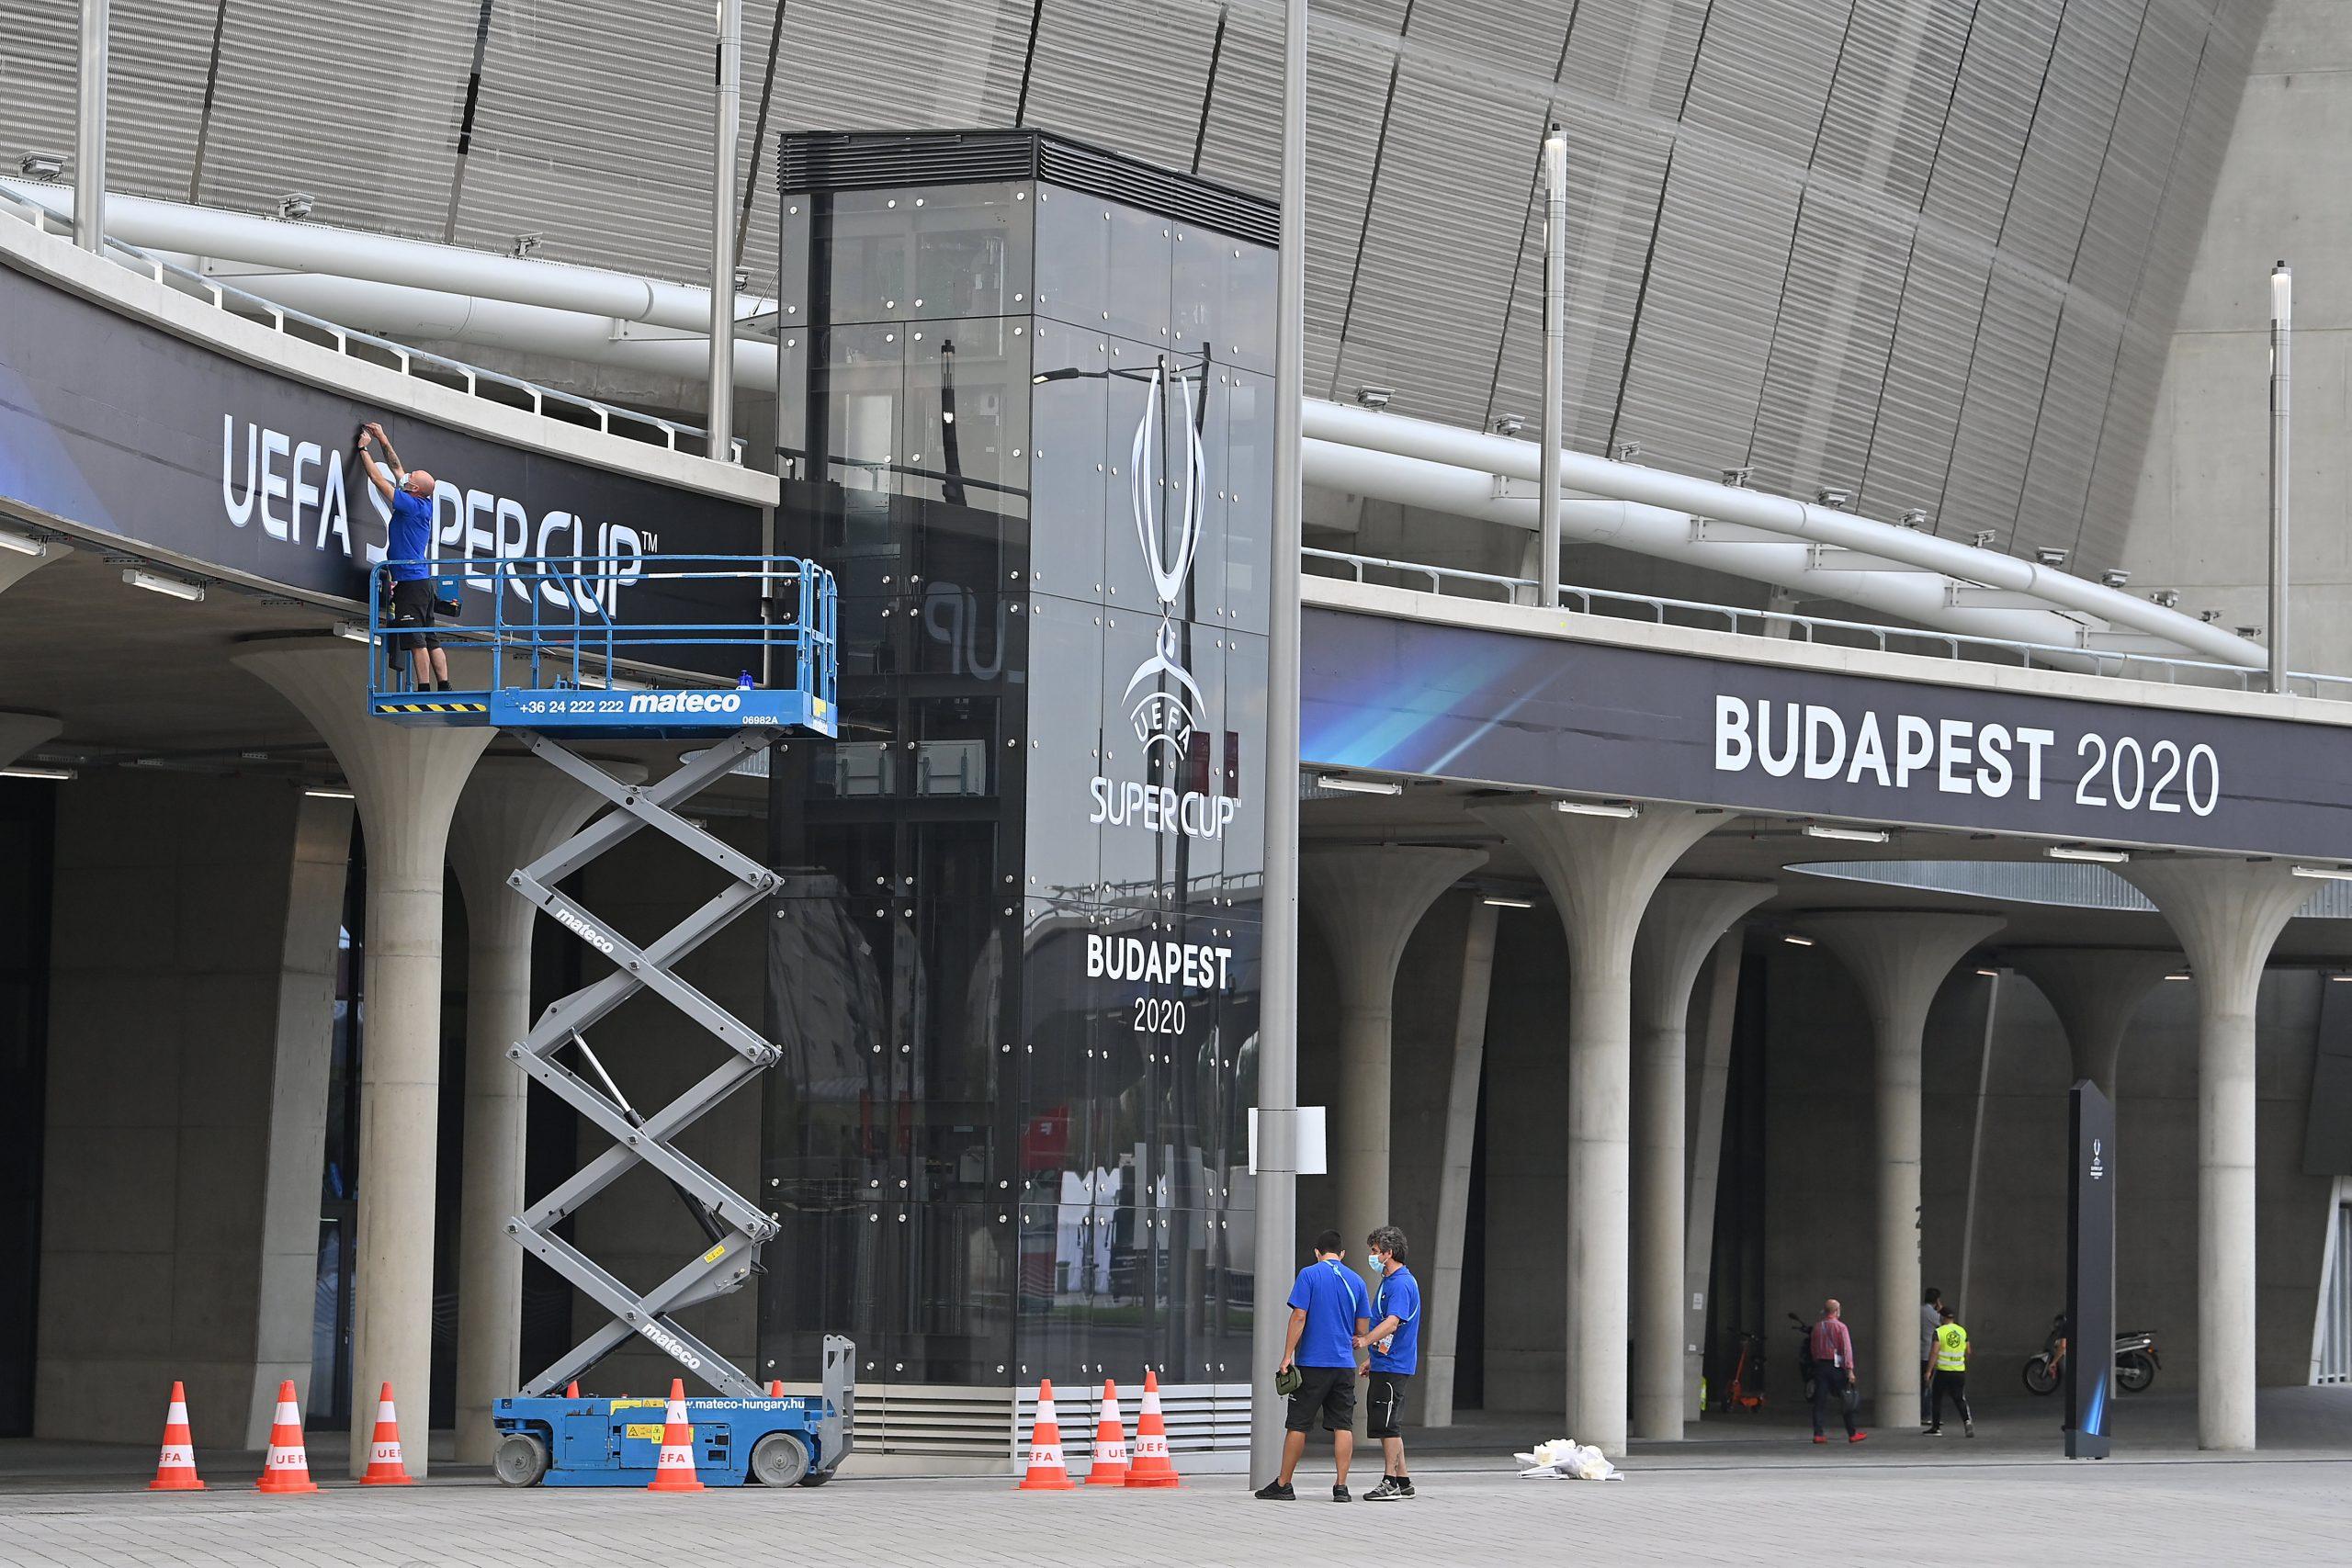 UEFA-Supercup: Sky und DAZN übertragen das Spiel, werden aber nicht vor Ort sein post's picture